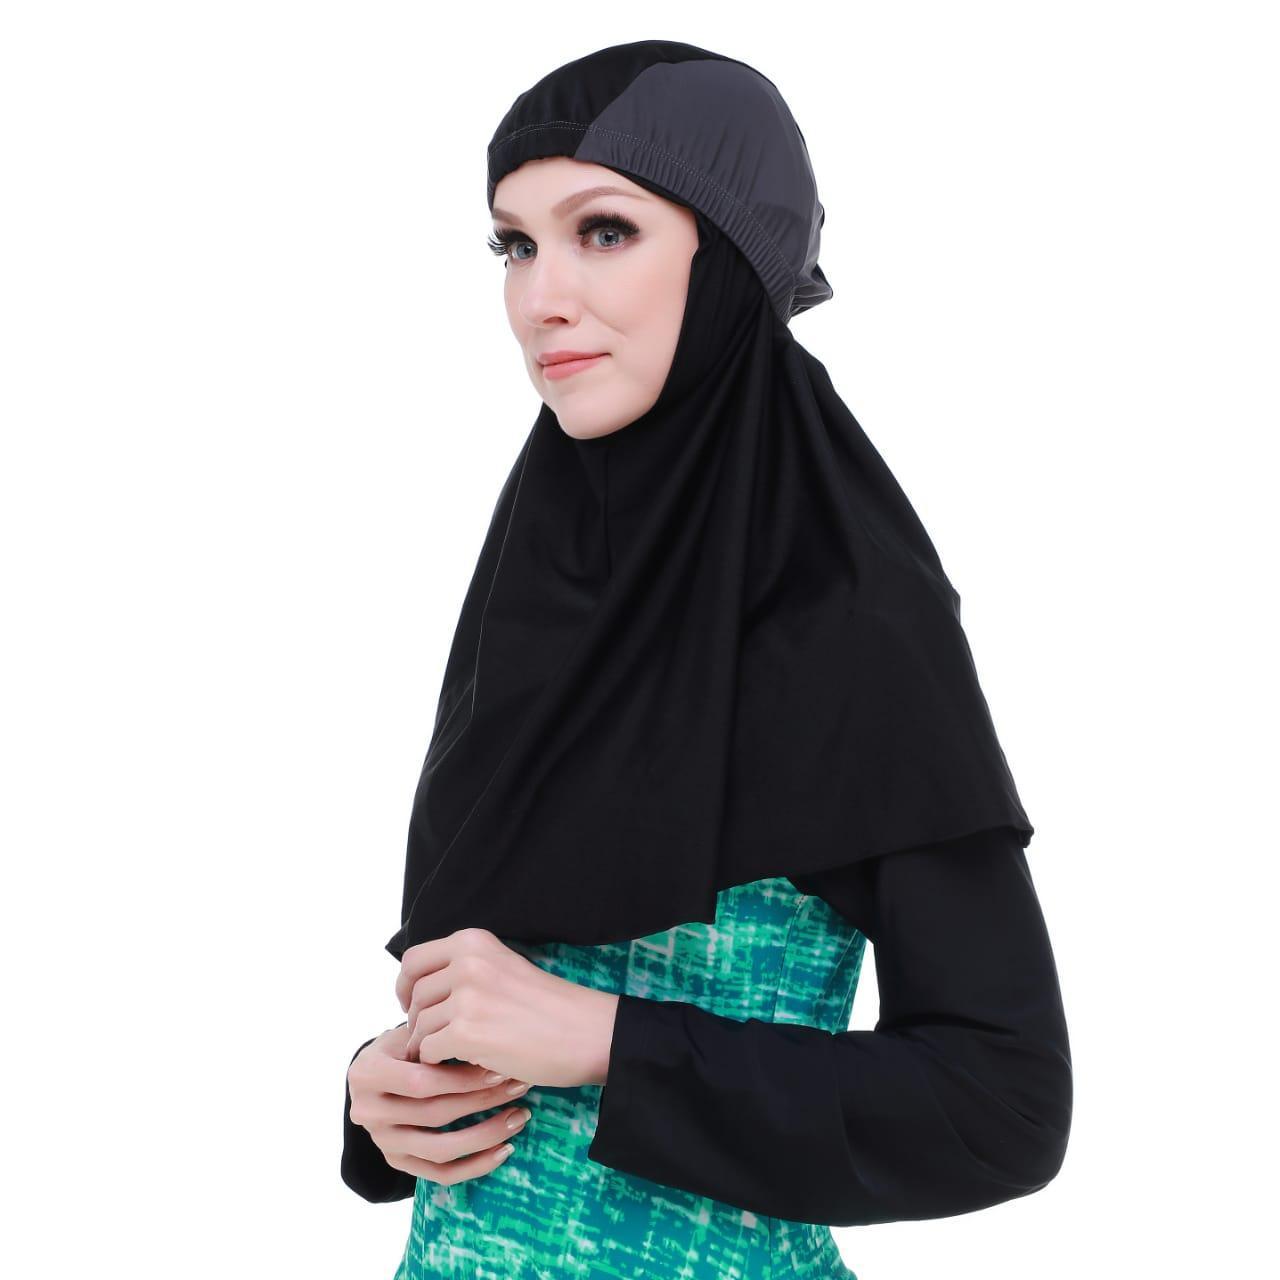 jilbab renang kerudung renang hijab renang topi renang dewasa